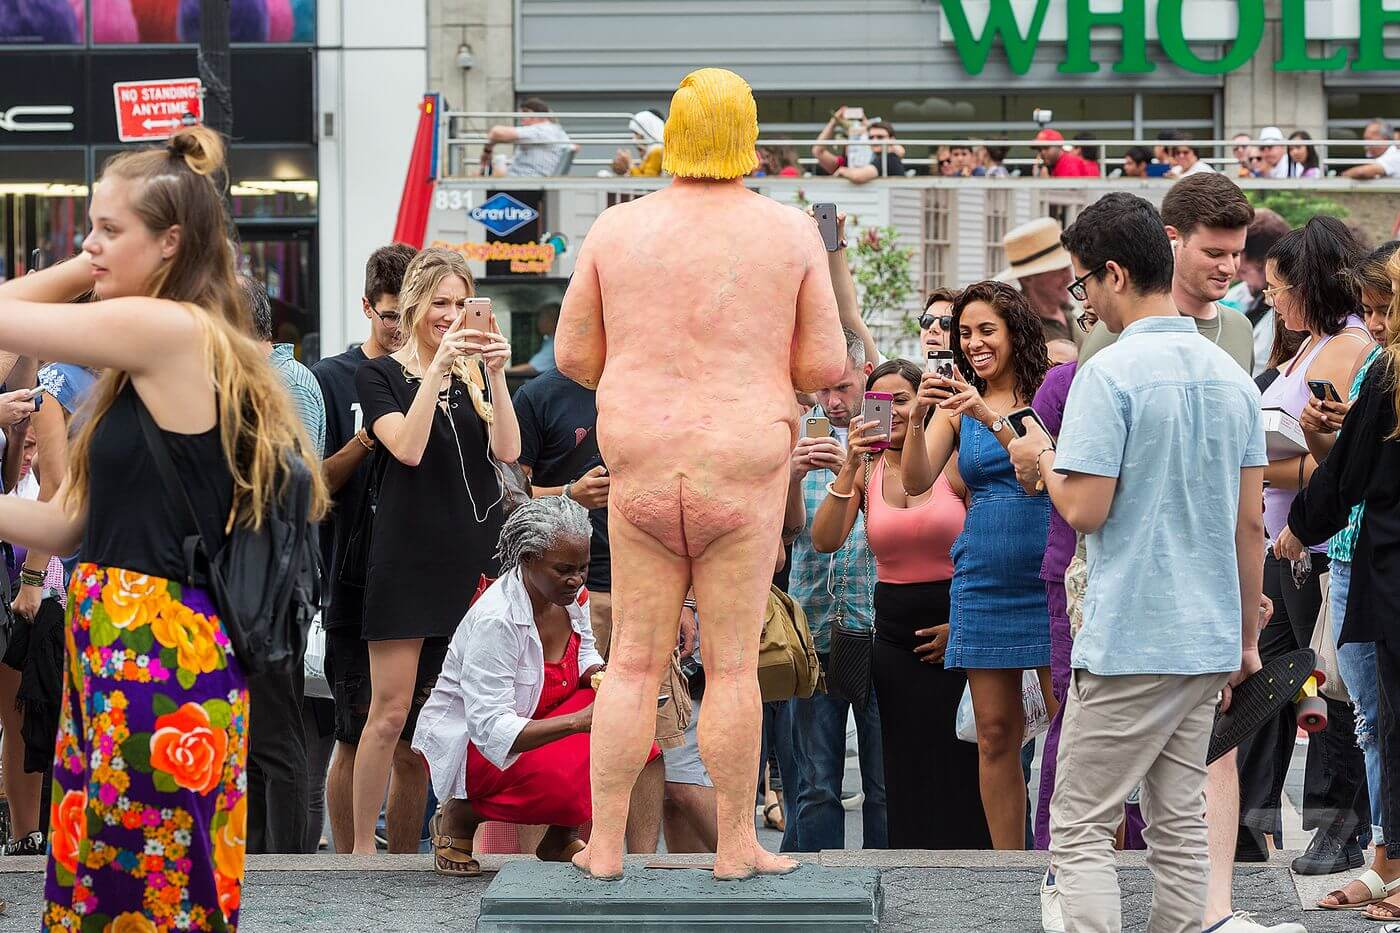 La street art contro Trump: ecco le disgustose statue che lo prendono in giro